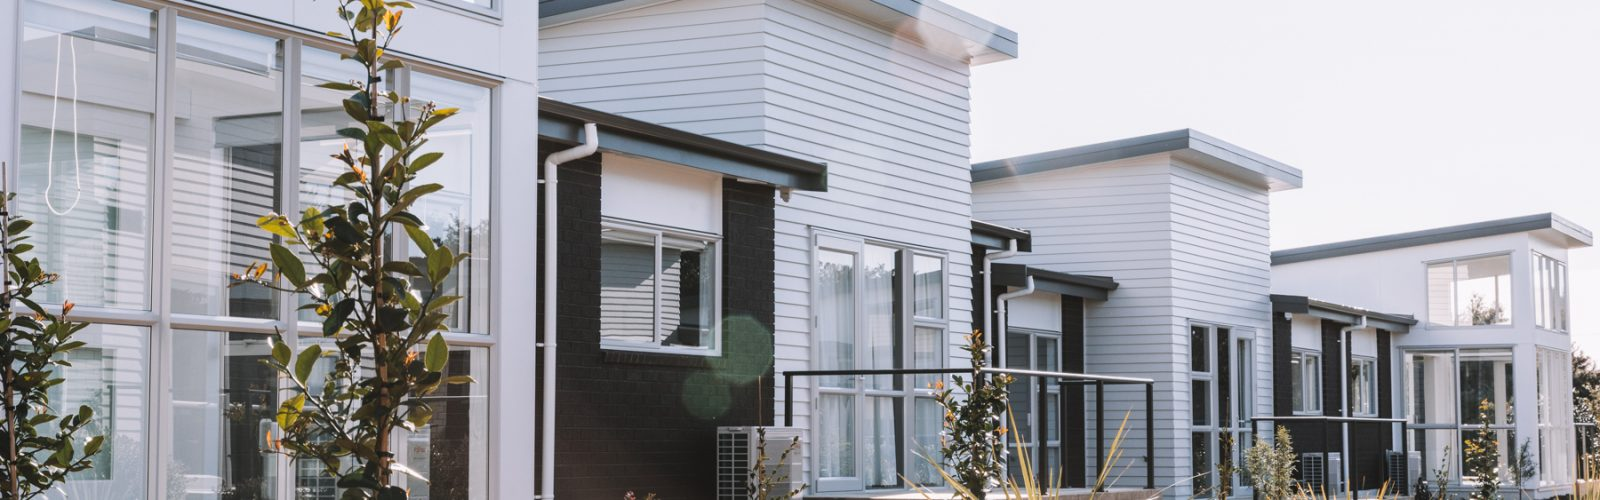 Tikipunga, Whangarei - Header Image